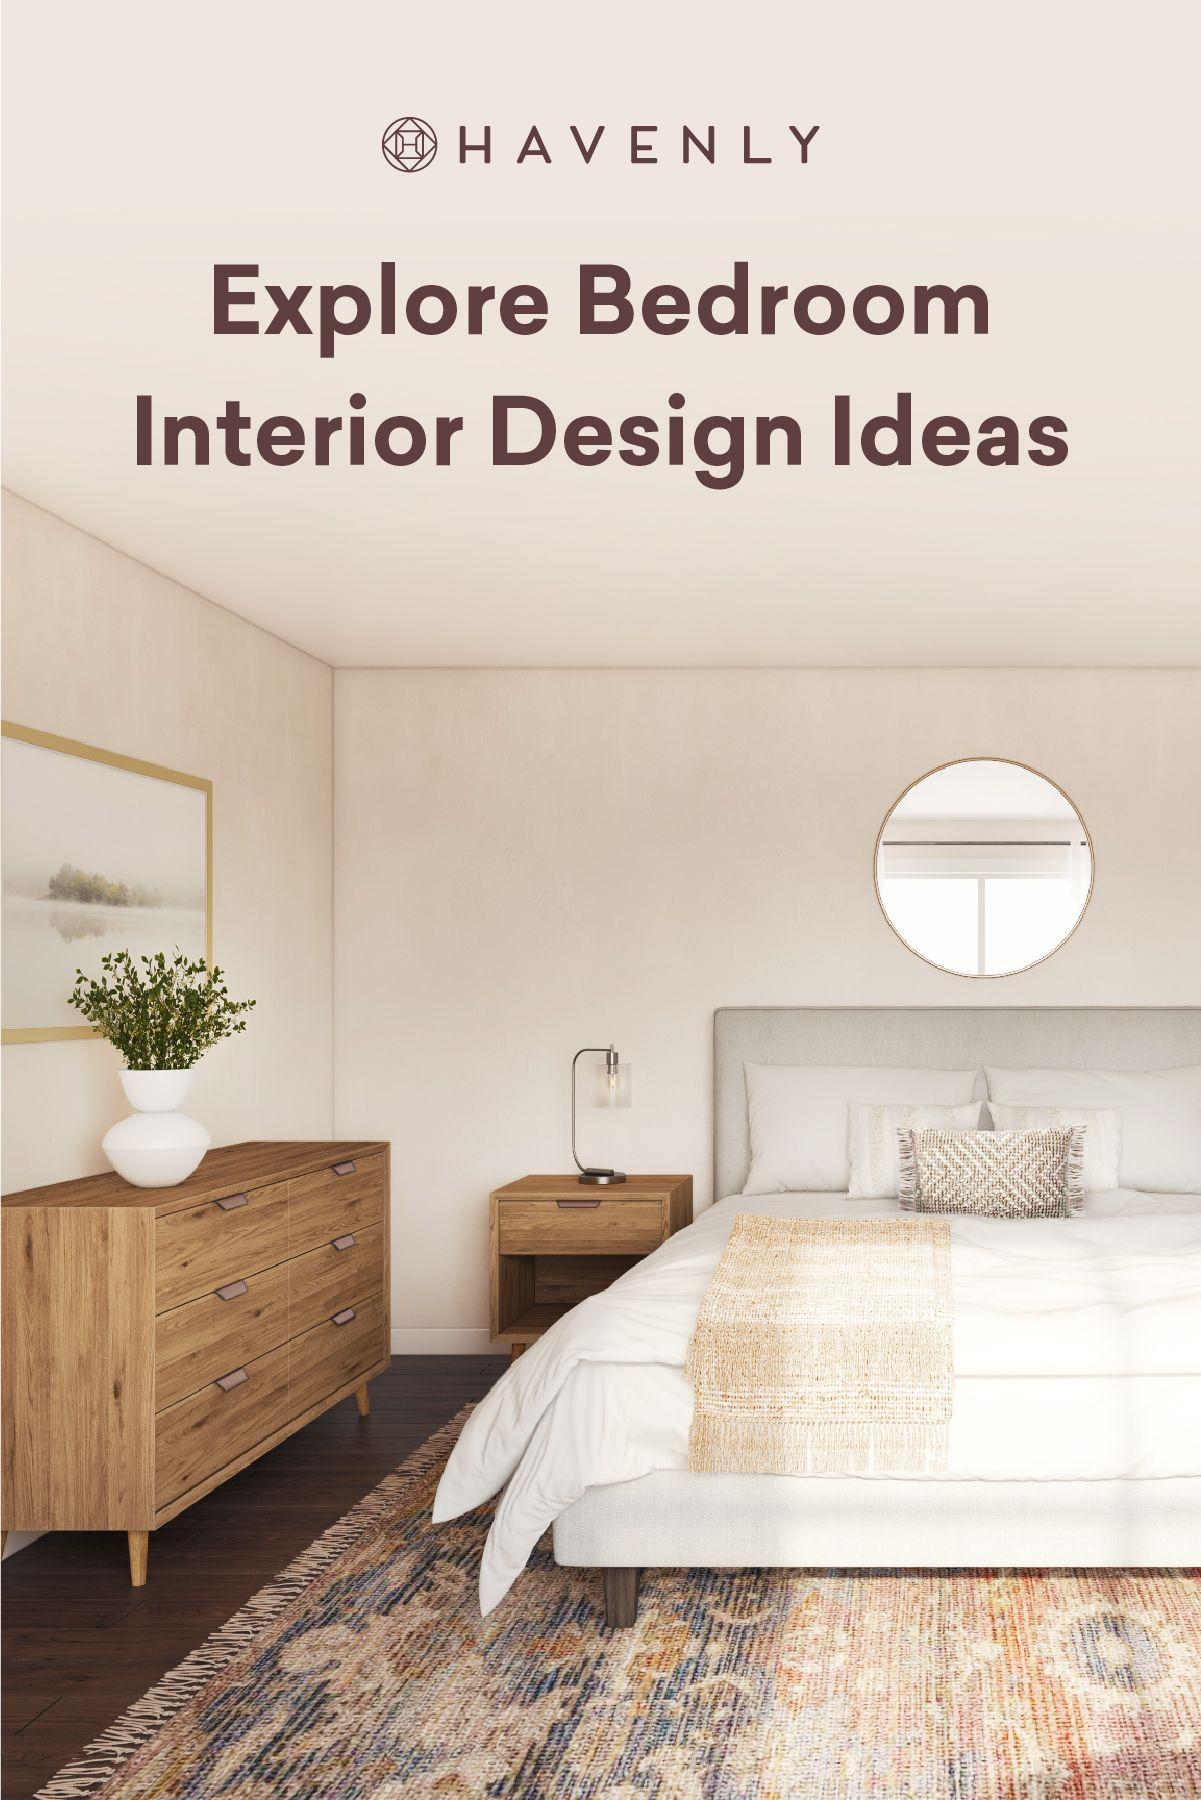 Bedroom Interior Designer Ideas in 2020 | Interior design ...